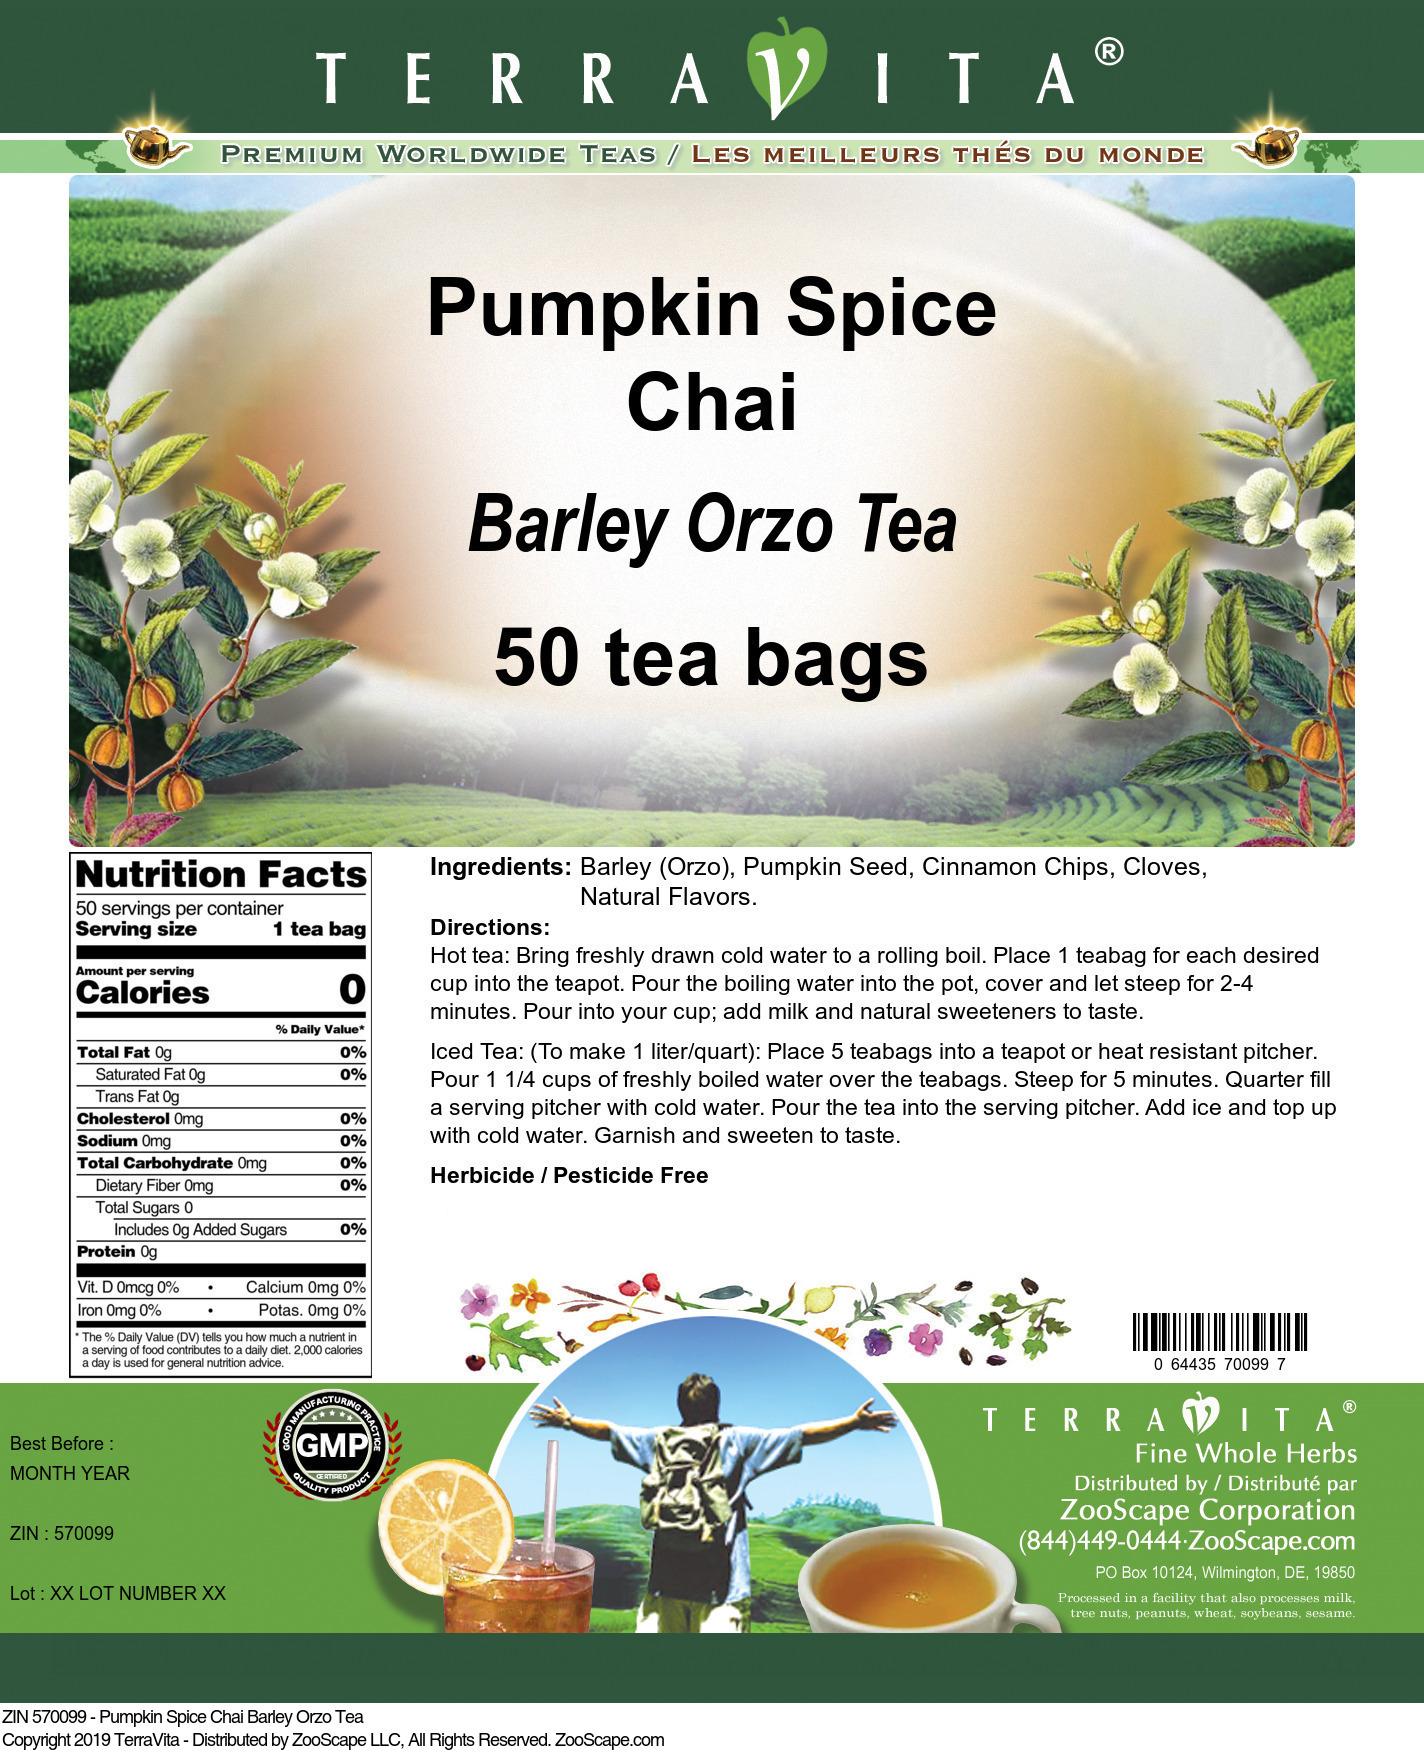 Pumpkin Spice Chai Barley Orzo